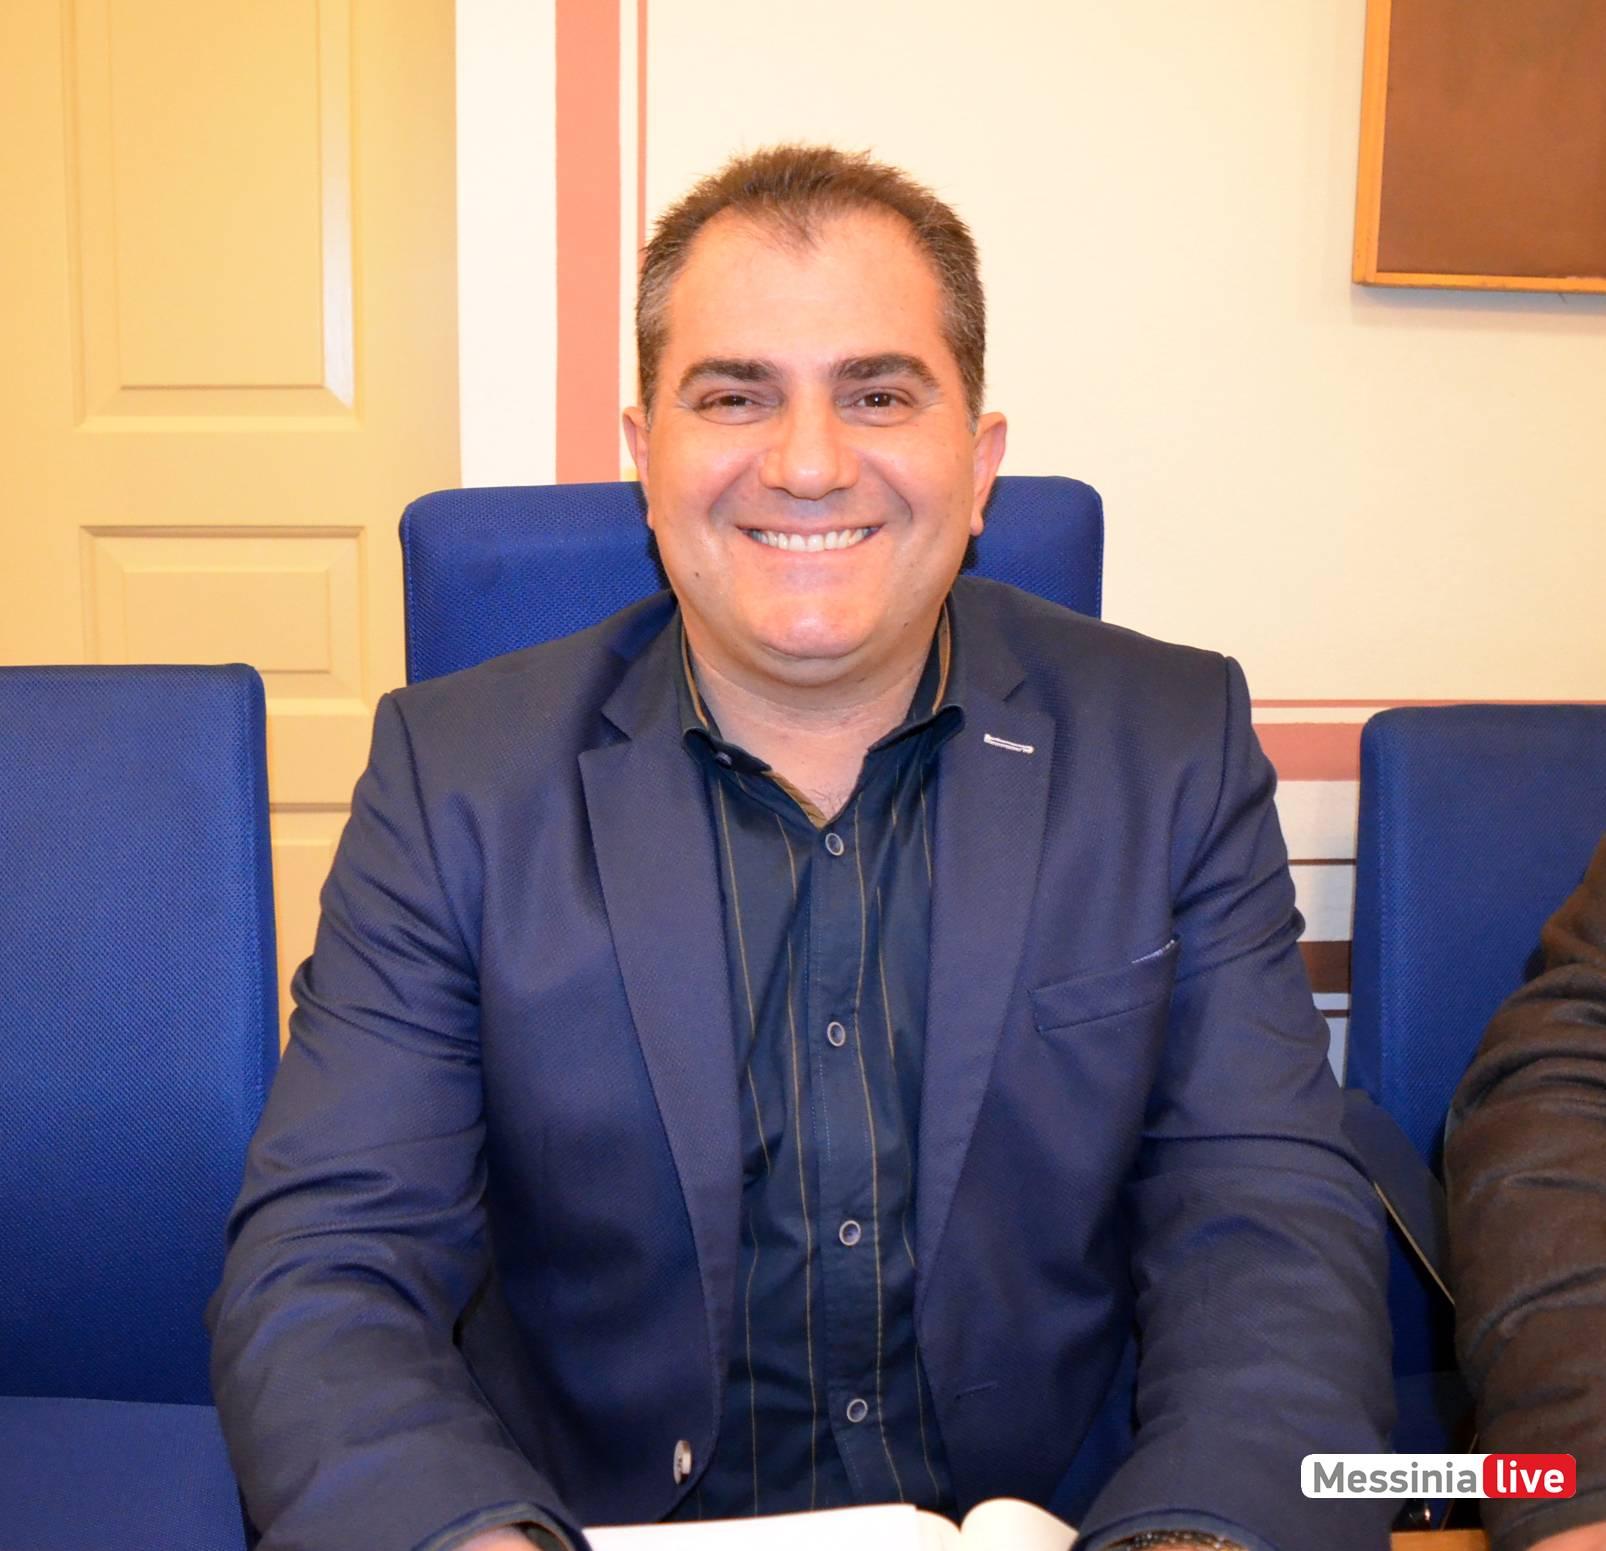 Ανακοινώνει τρεις νέους υποψήφιους ο Βασιλόπουλος